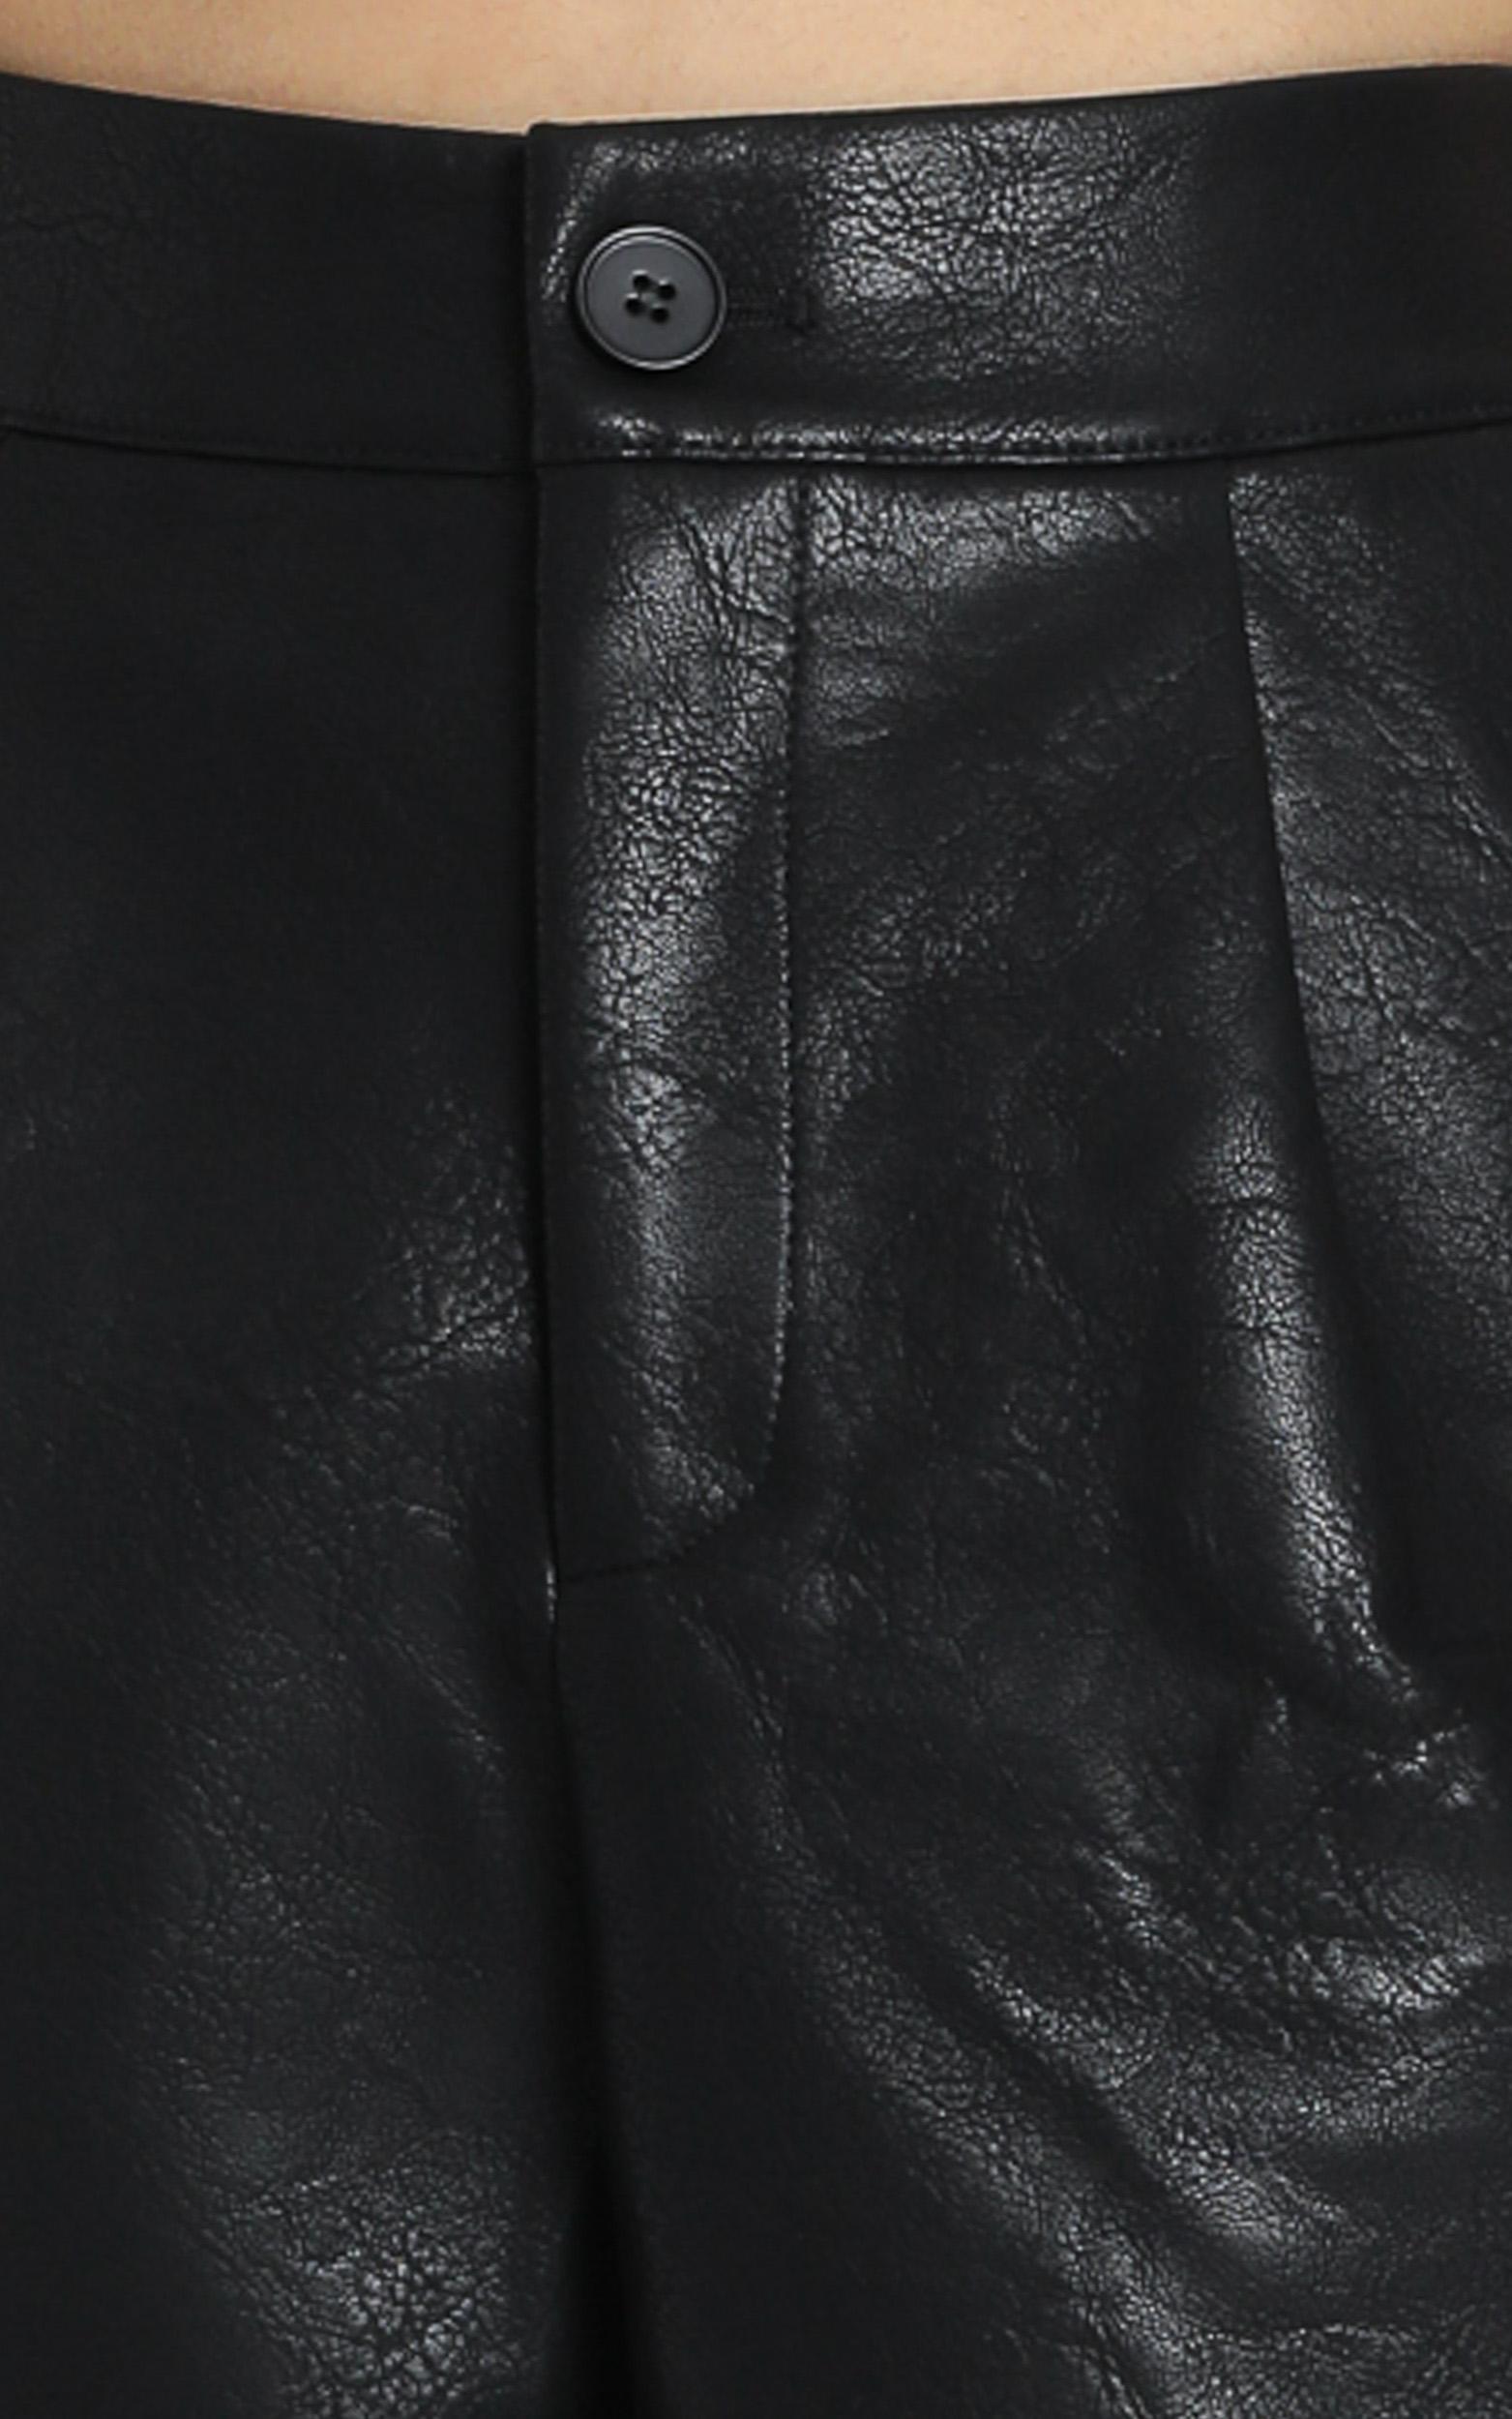 Lioness - Shameless Short in Black - 6 (XS), Black, hi-res image number null